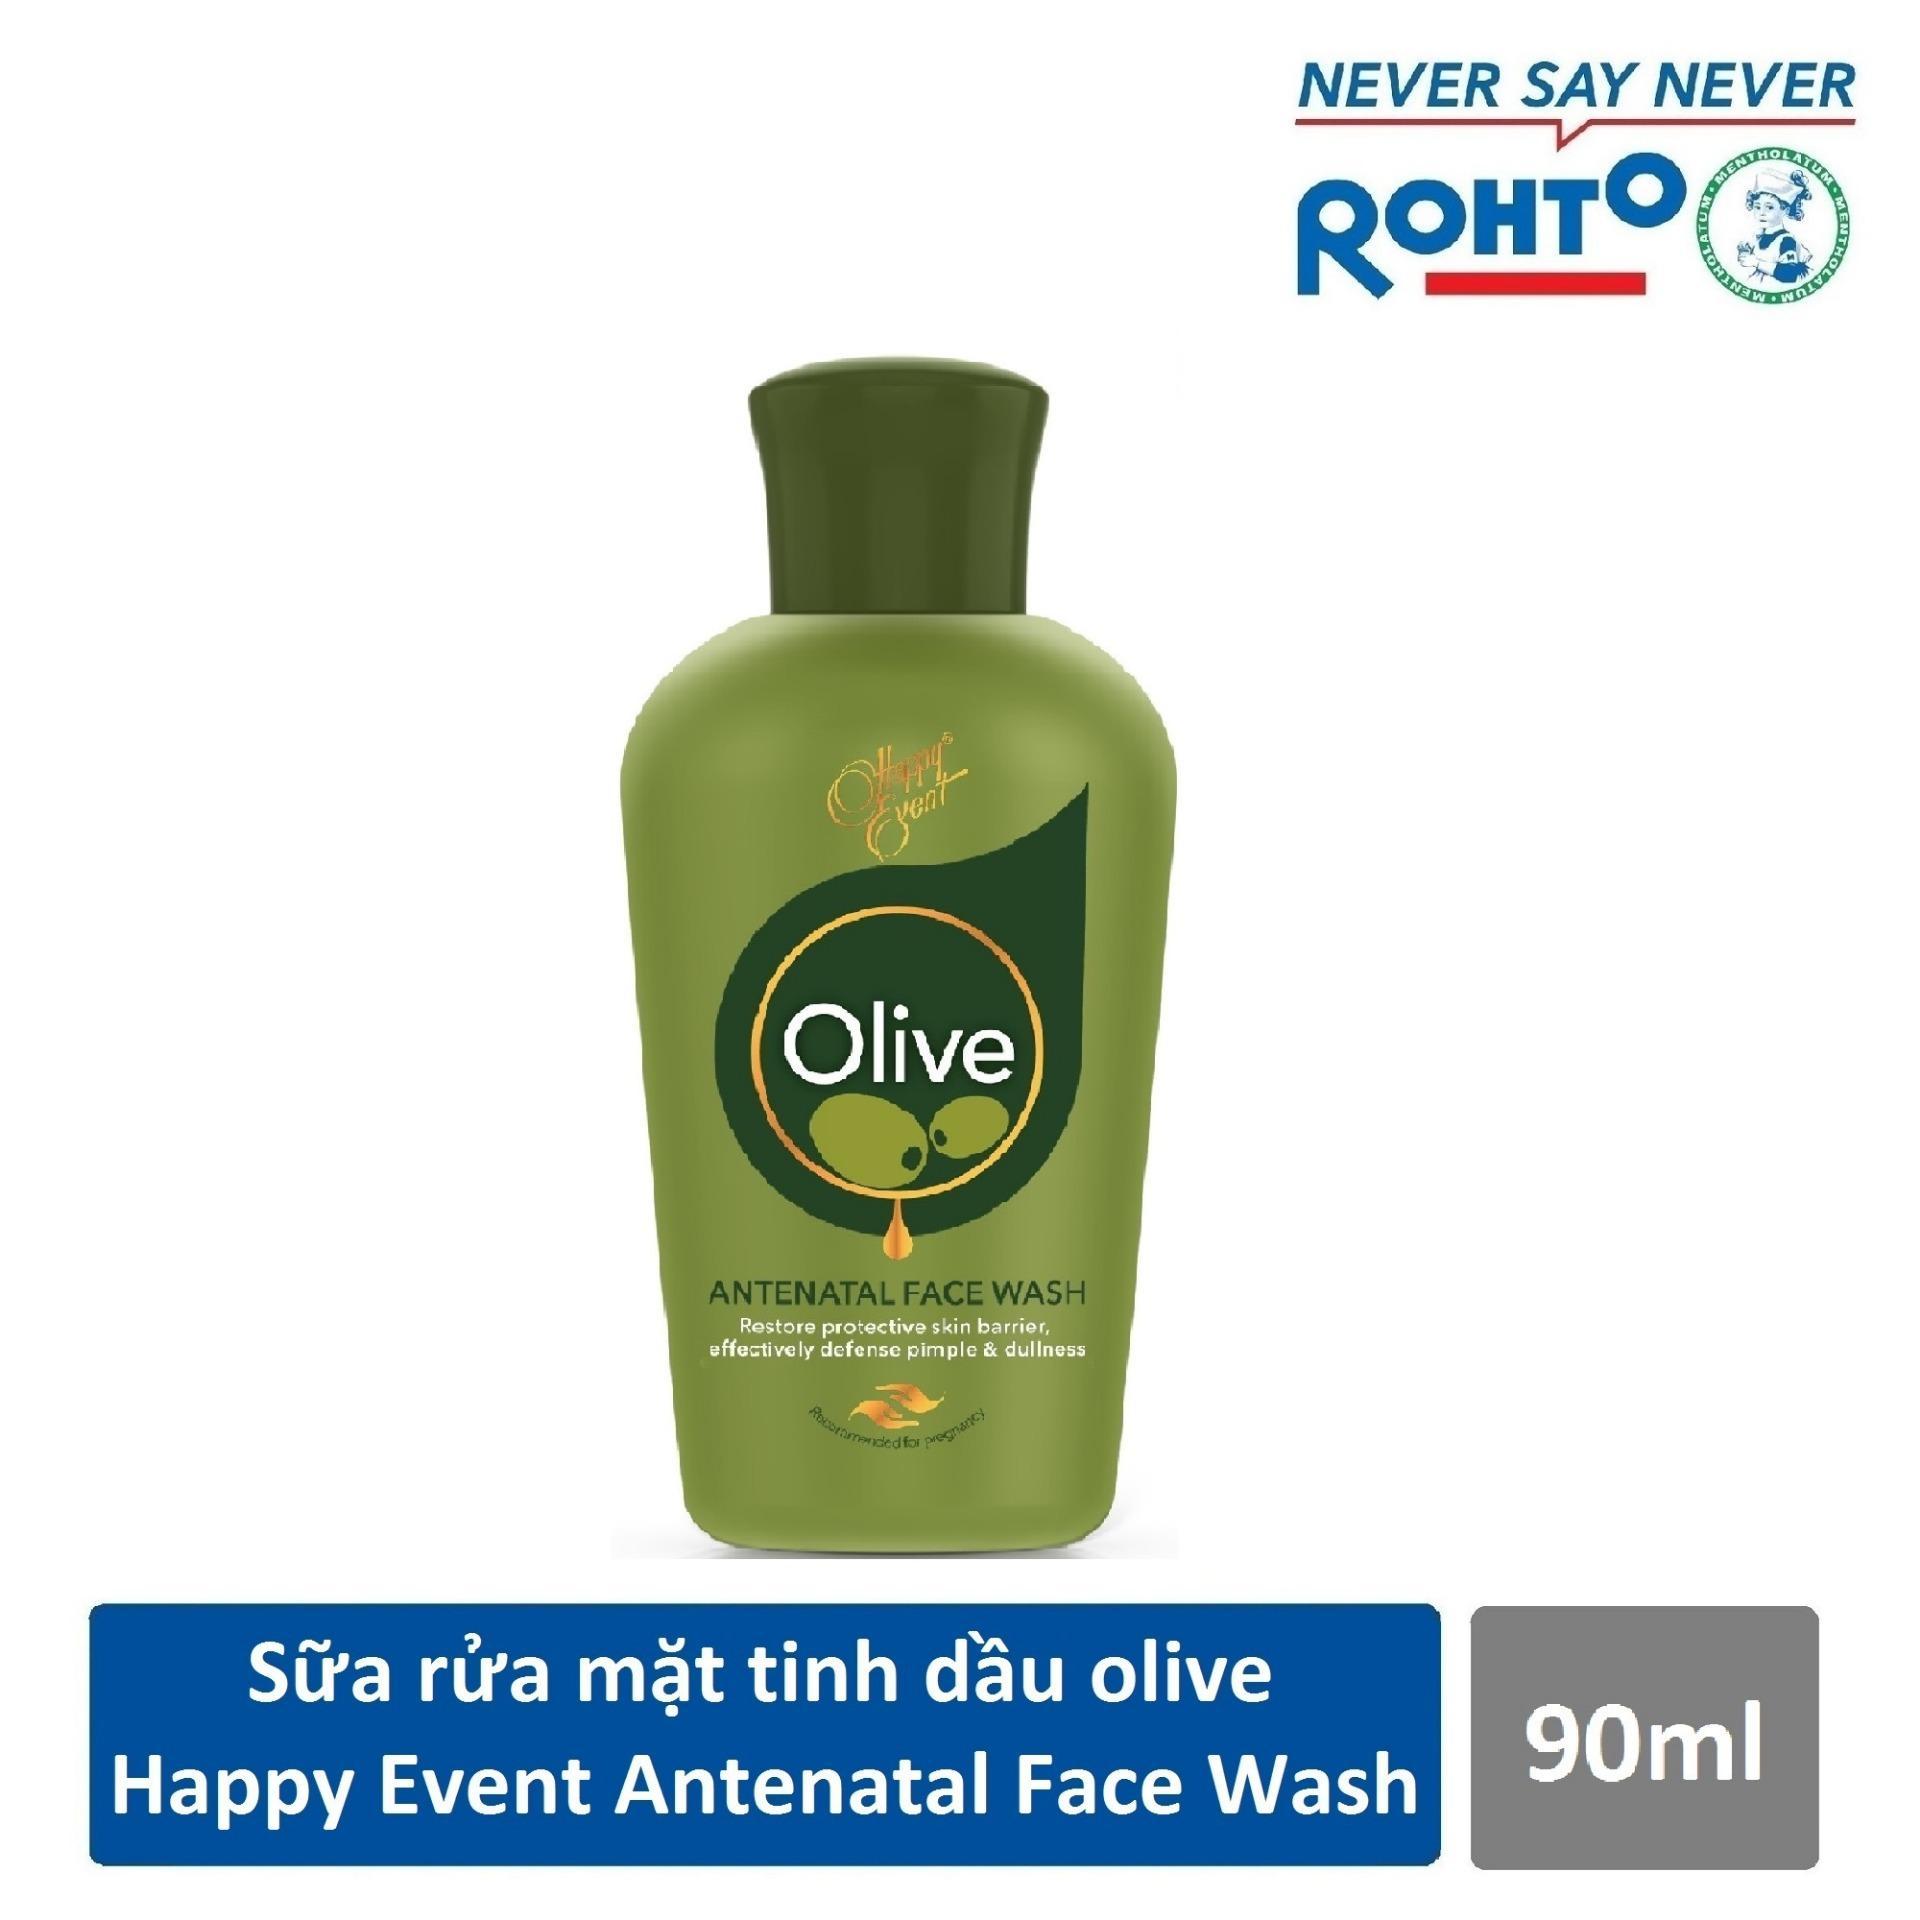 Sữa rửa mặt tinh dầu olive ngừa mụn Happy Event Antenatal Face Wash 90ml tốt nhất